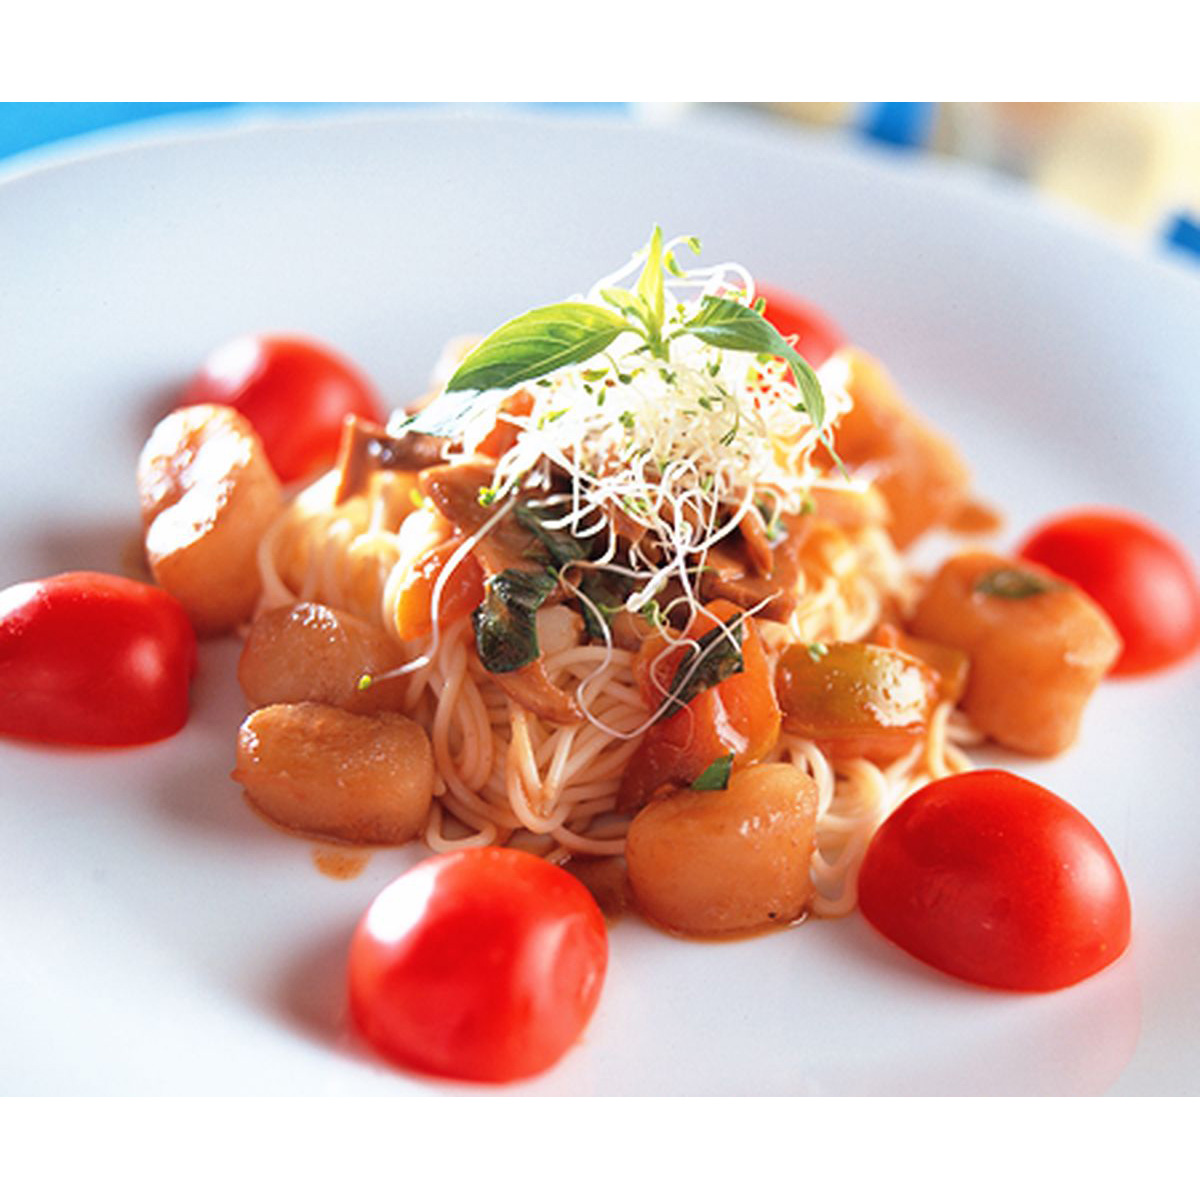 食譜:鮮蔬干貝麵